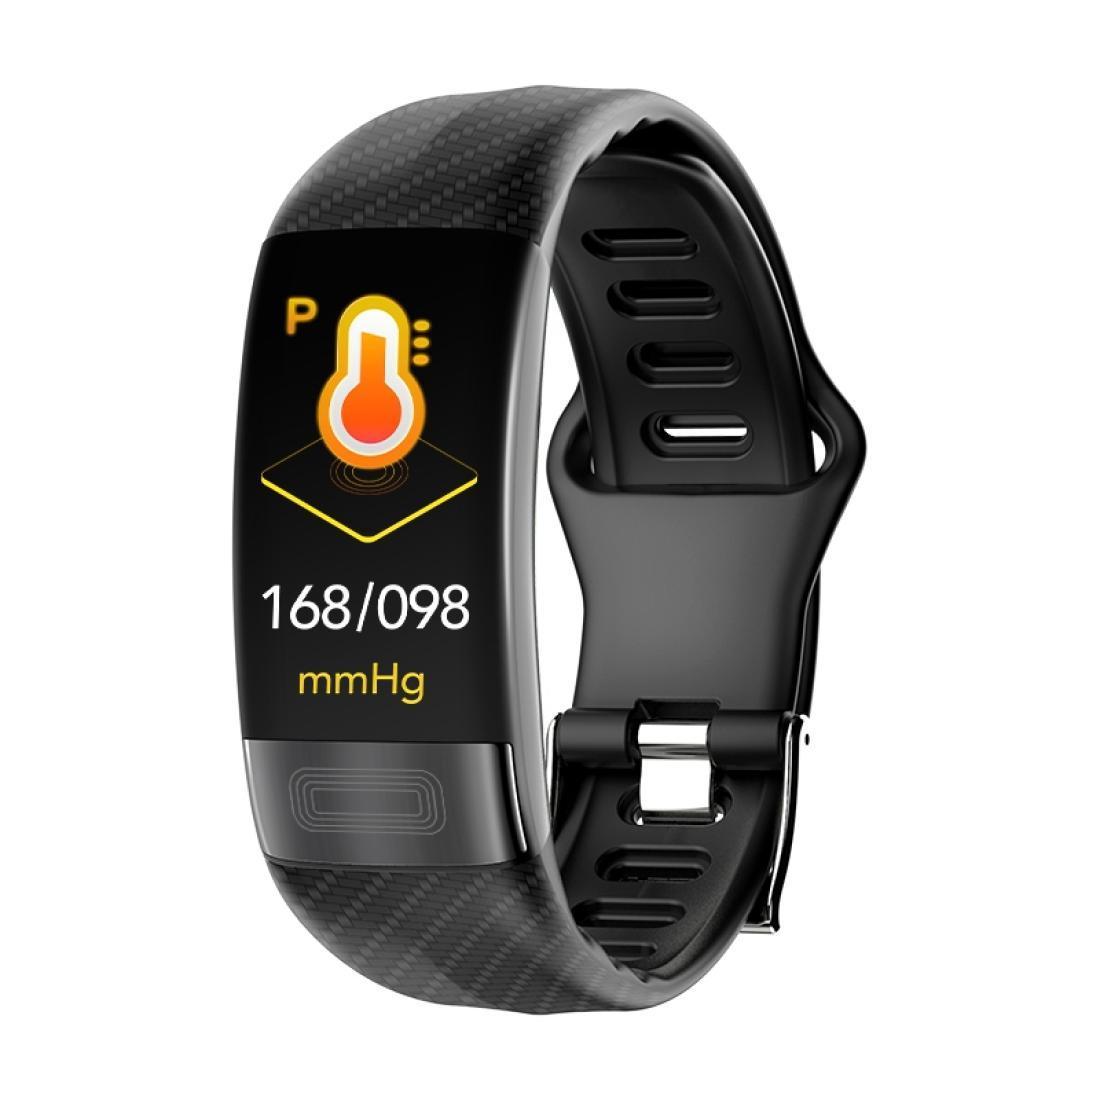 P11 096 Zoll TFT Color Screen Smartwatch IP67 Waterproofsport Herzfrequenz ÜberwachungBlackdruckmonitoringEcg Monitoringlorentz-Diagramm